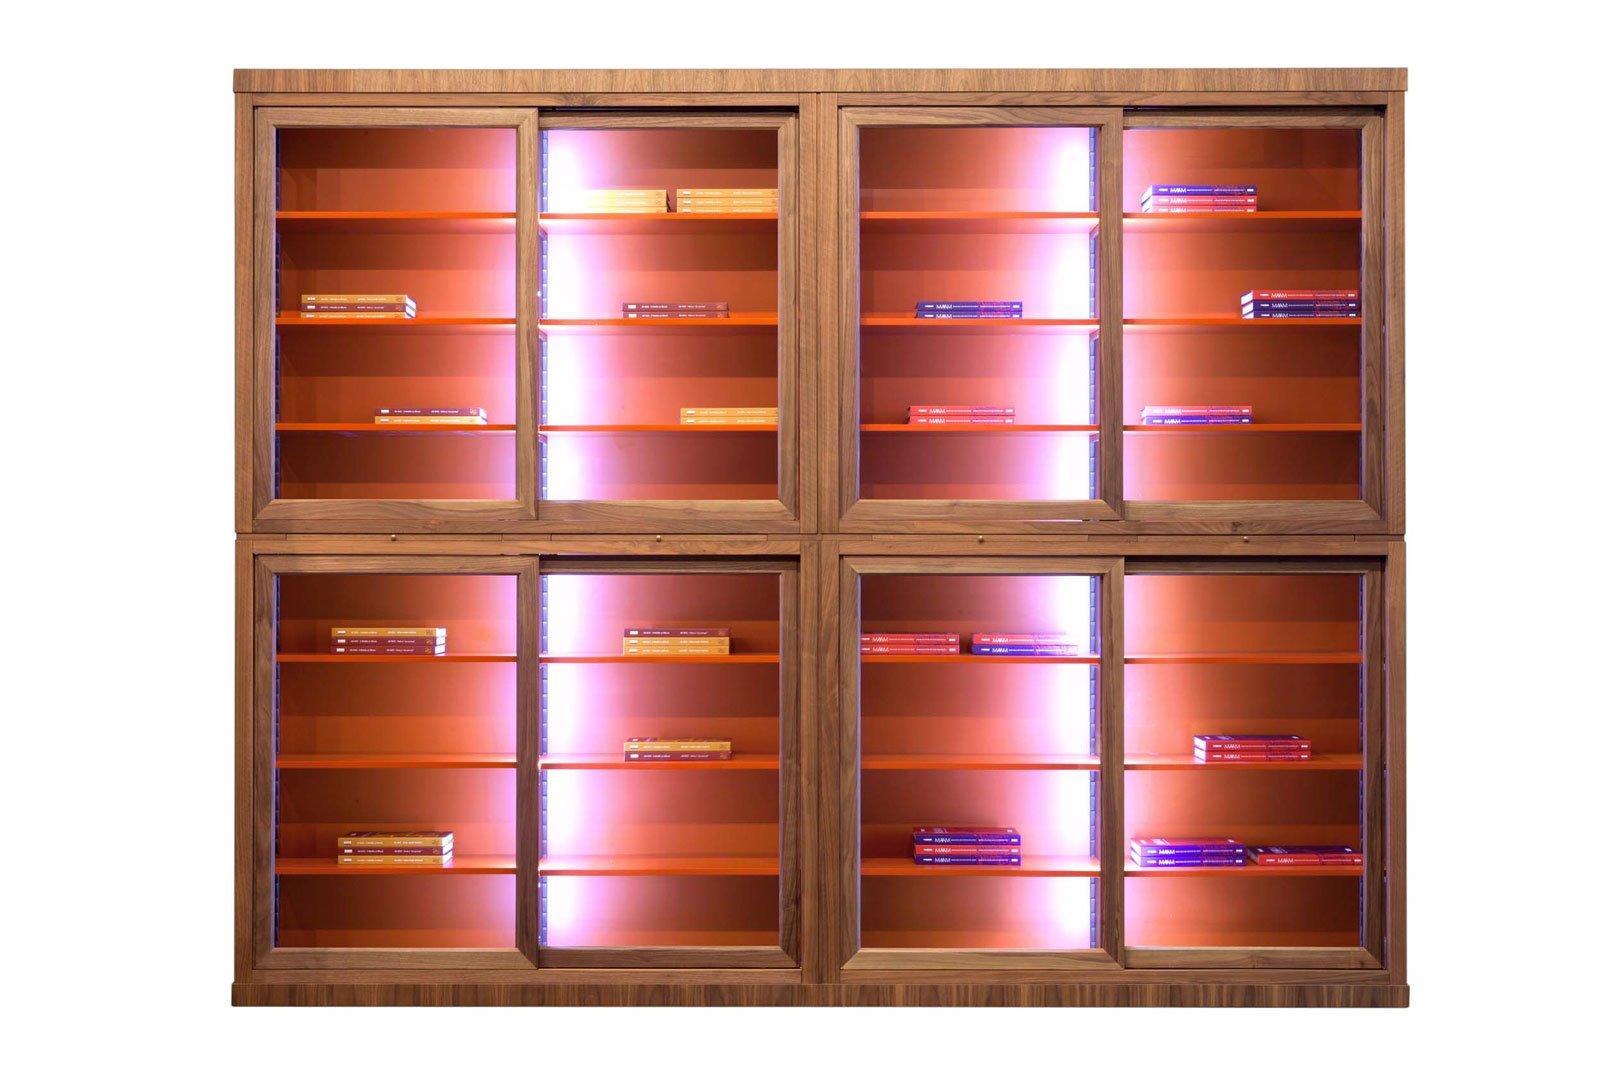 librerie e vetrine al salone internazionale del mobile 2015 - cose ... - Vetrine Per Soggiorno Moderno